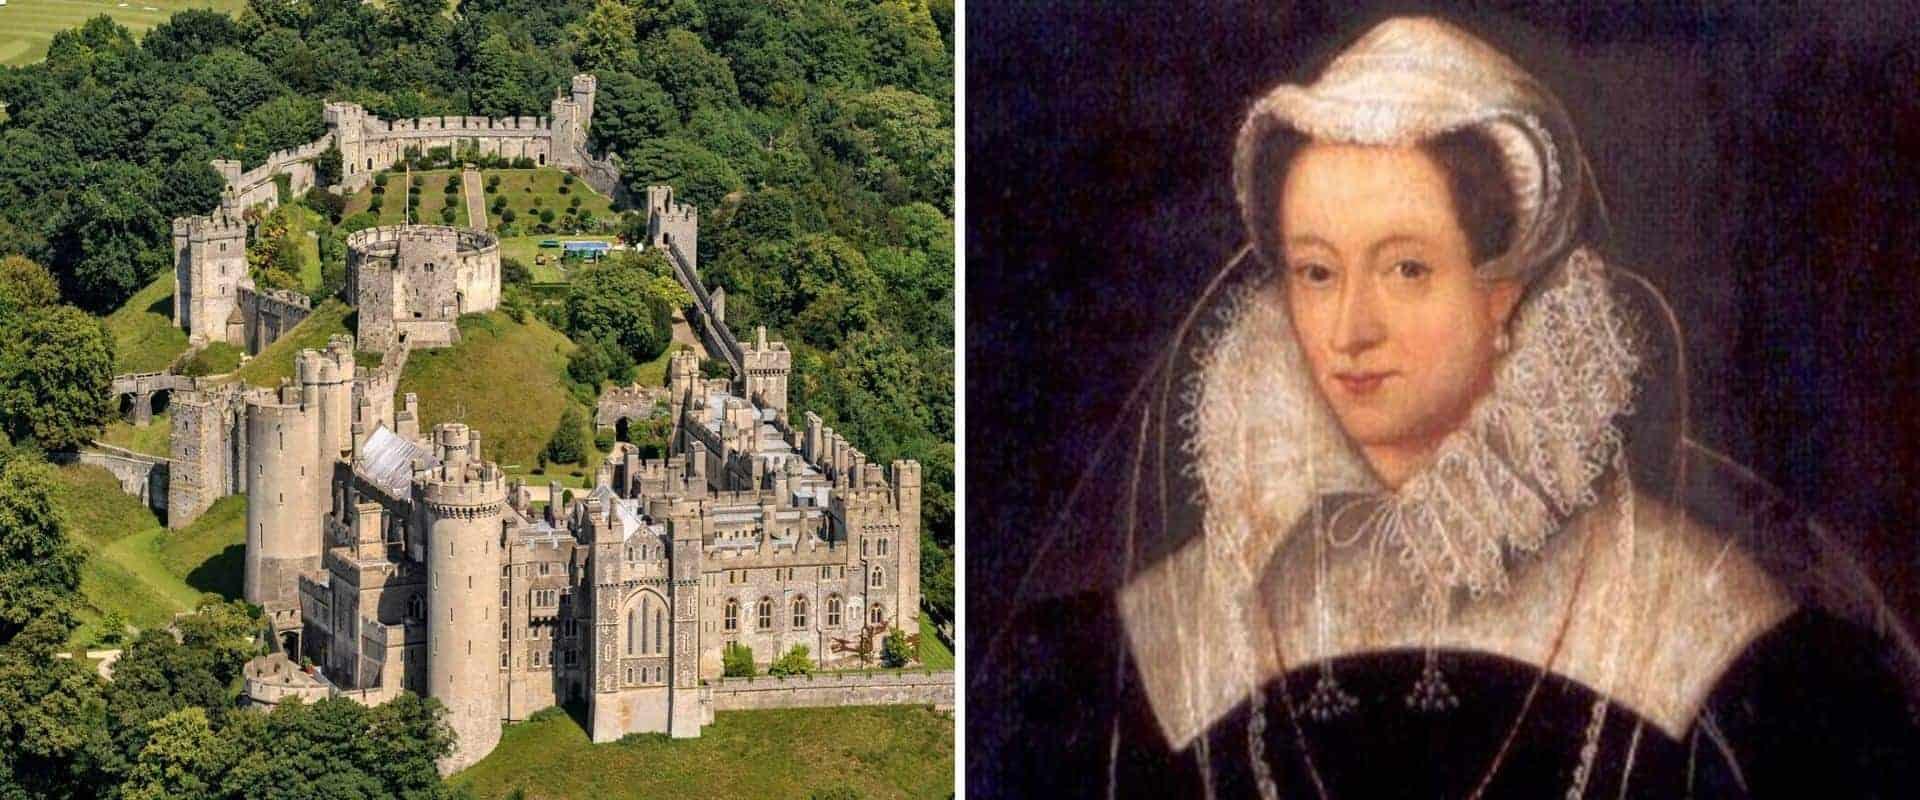 Robaron joyas de un castillo de Inglaterra que equivalen a más de 1 millón de dólares, entre ellas había un rosario que perteneció a María I de Escocia